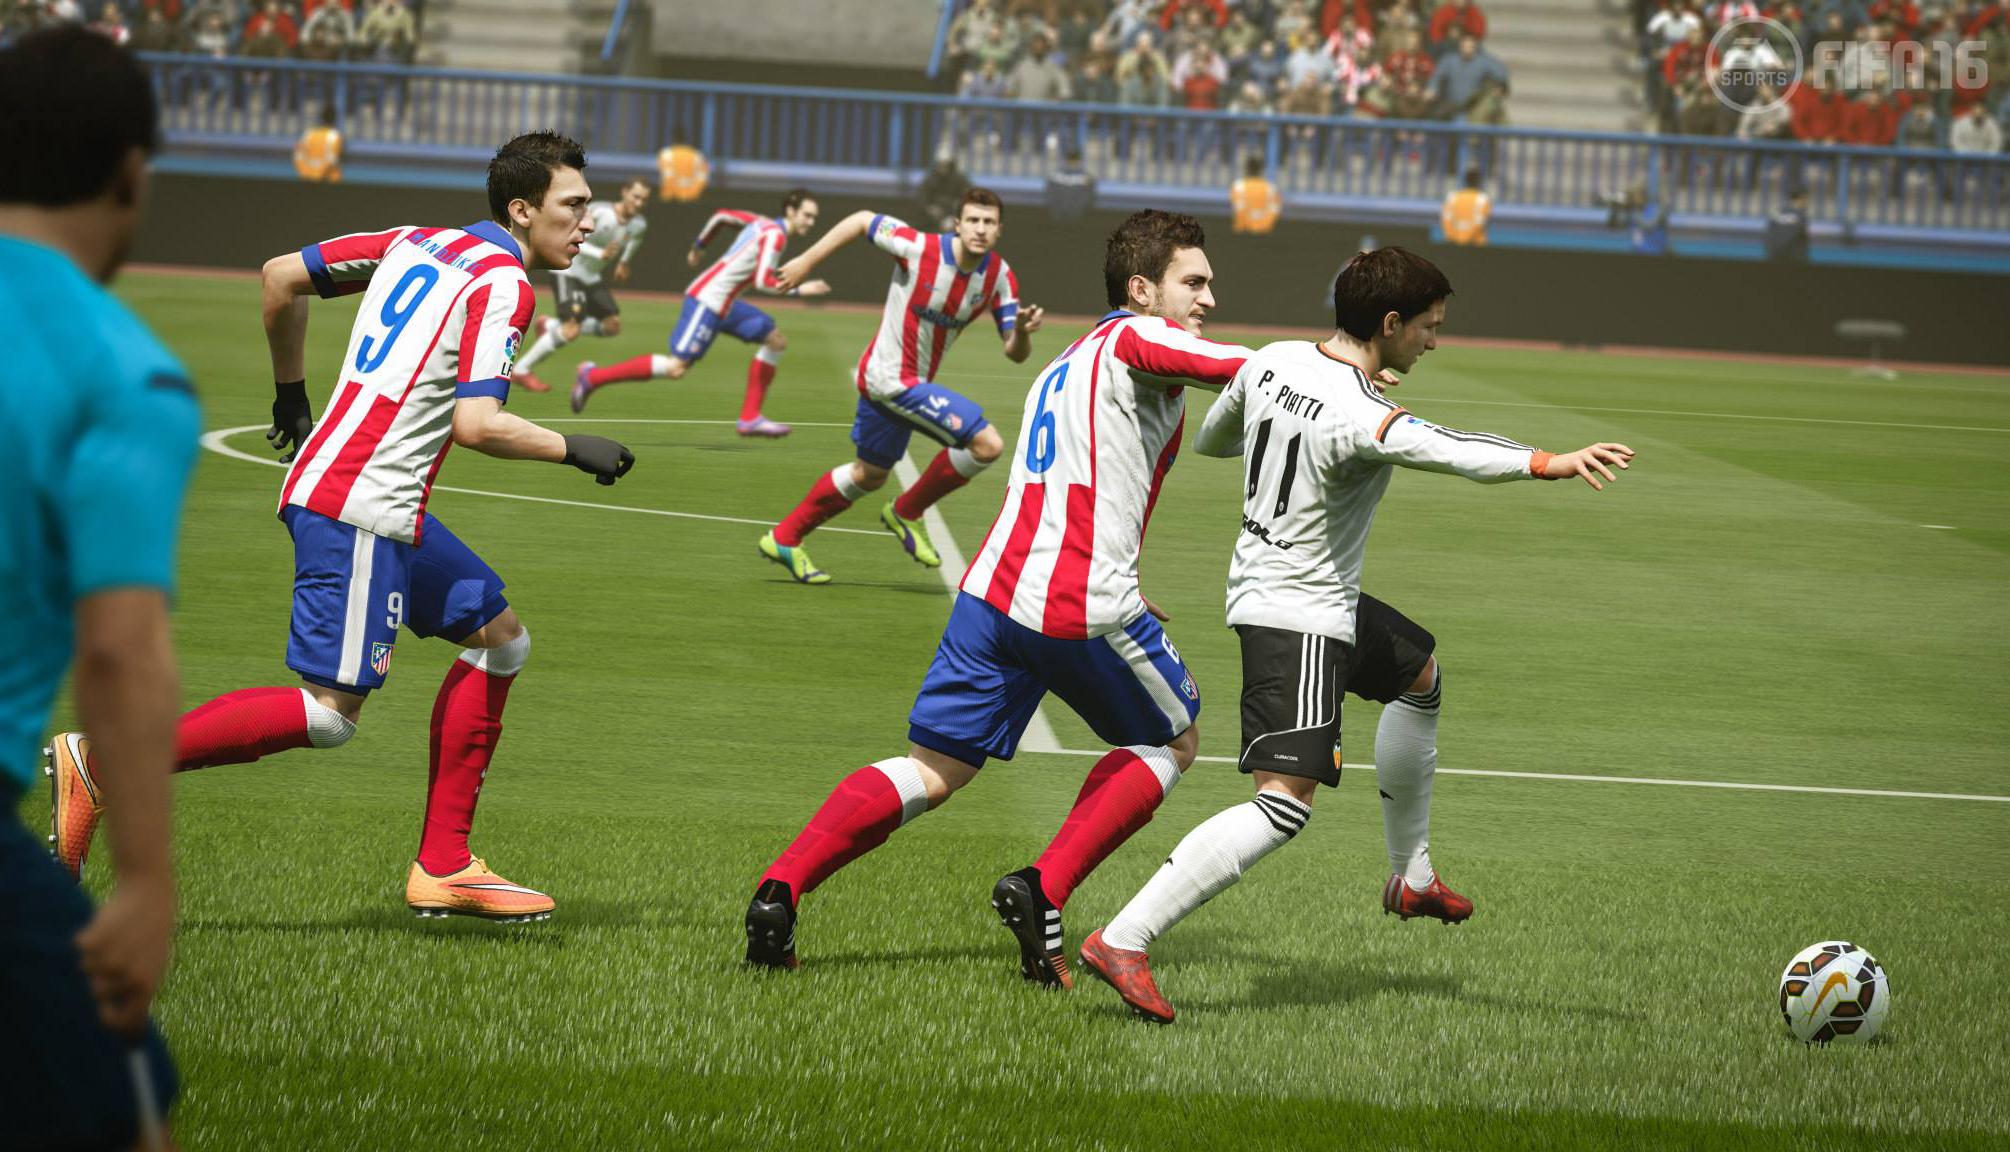 Hoy jugamos: FIFA 16